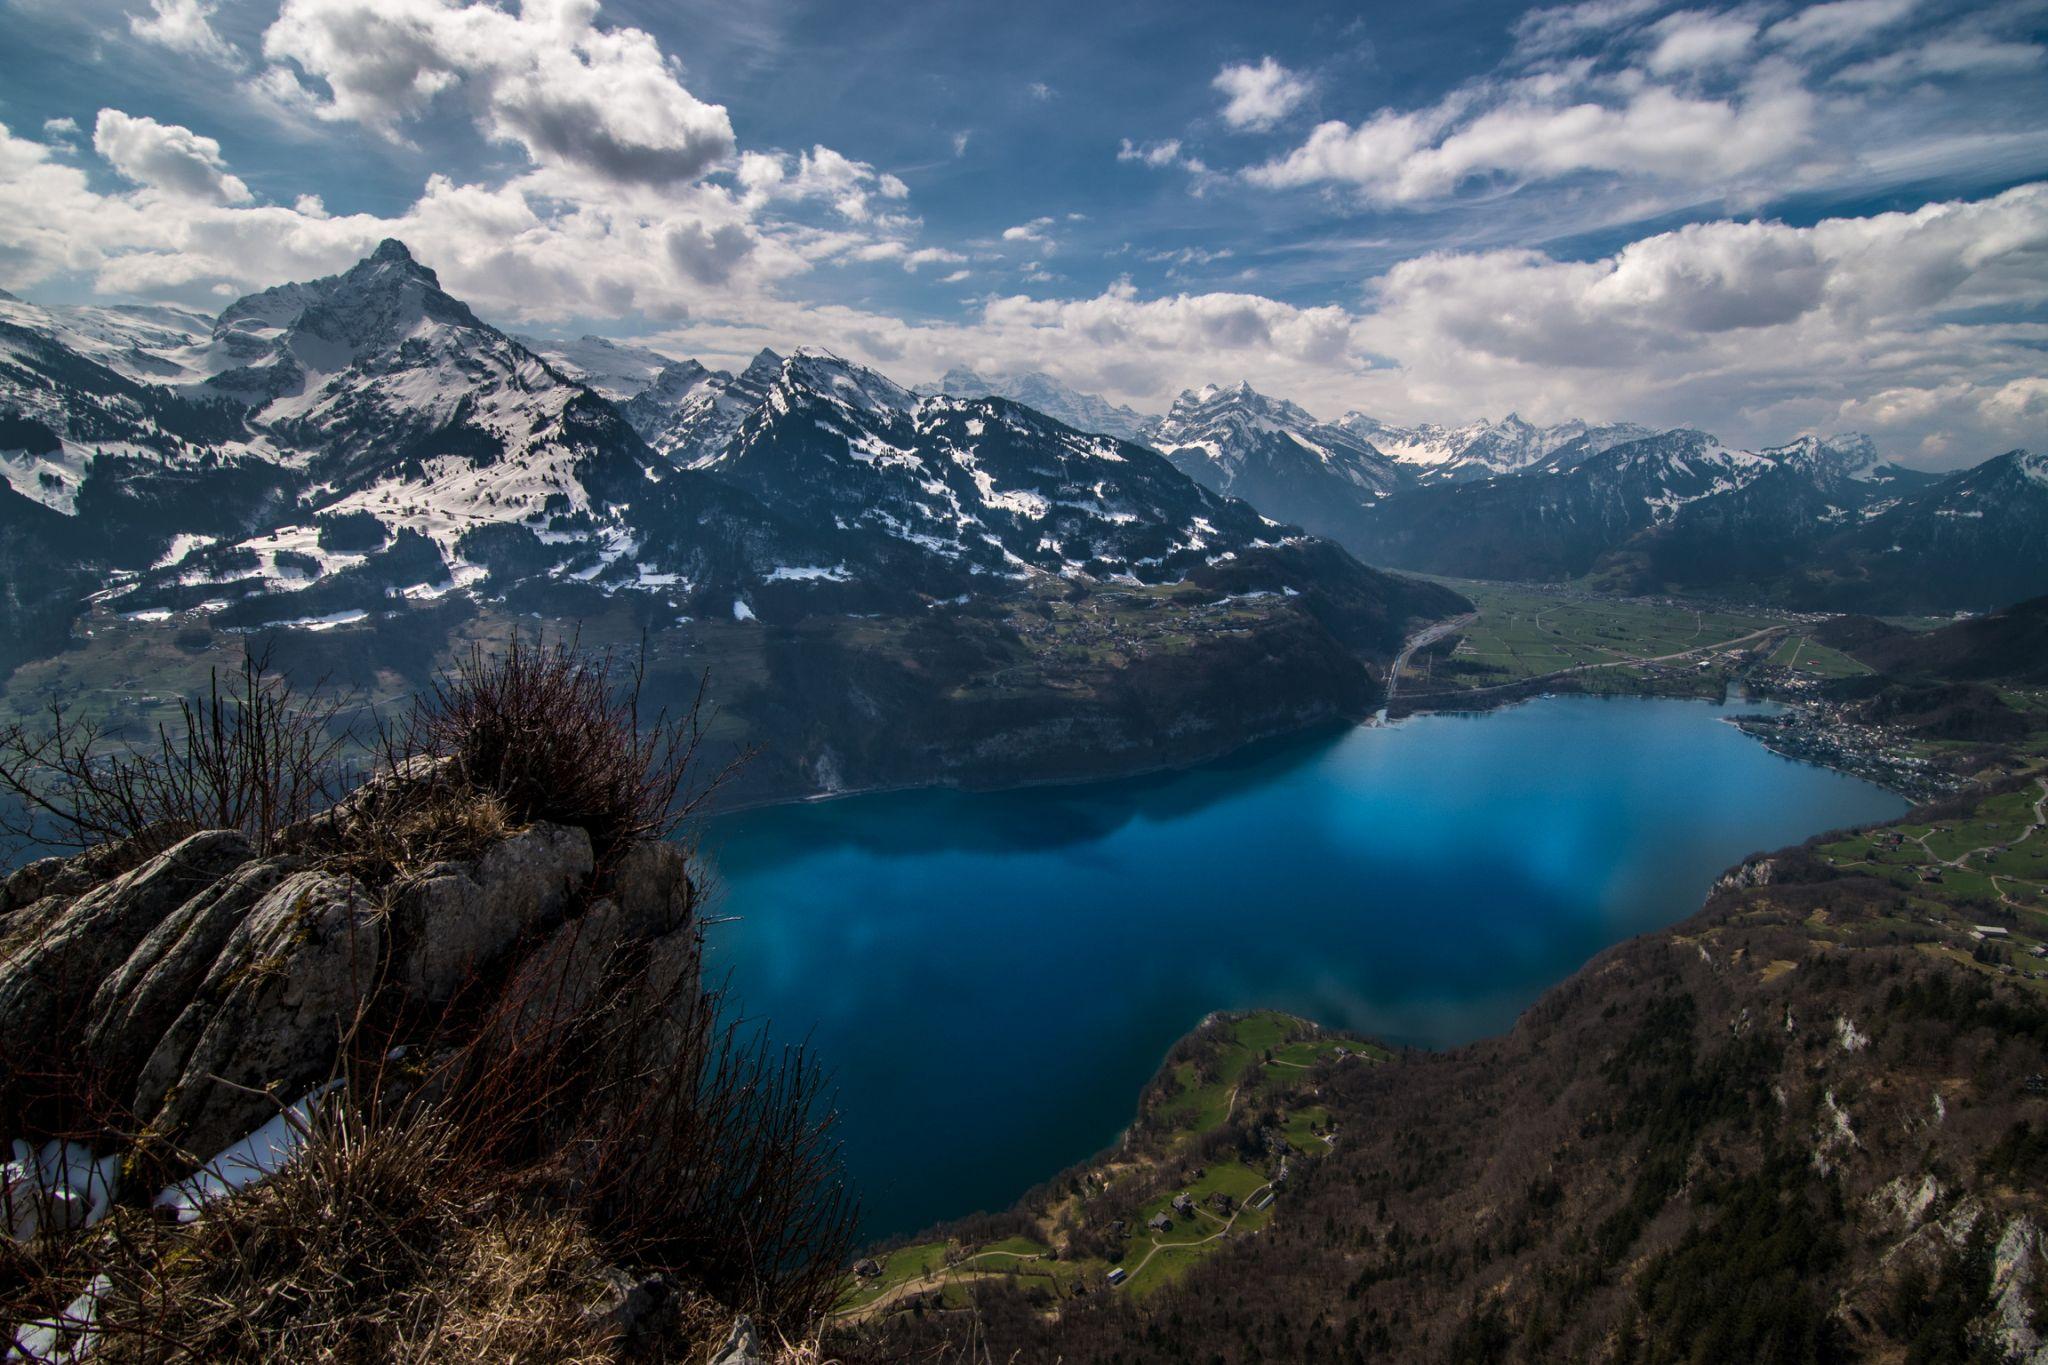 Aussichtspunkt Chapf, Amden, Switzerland